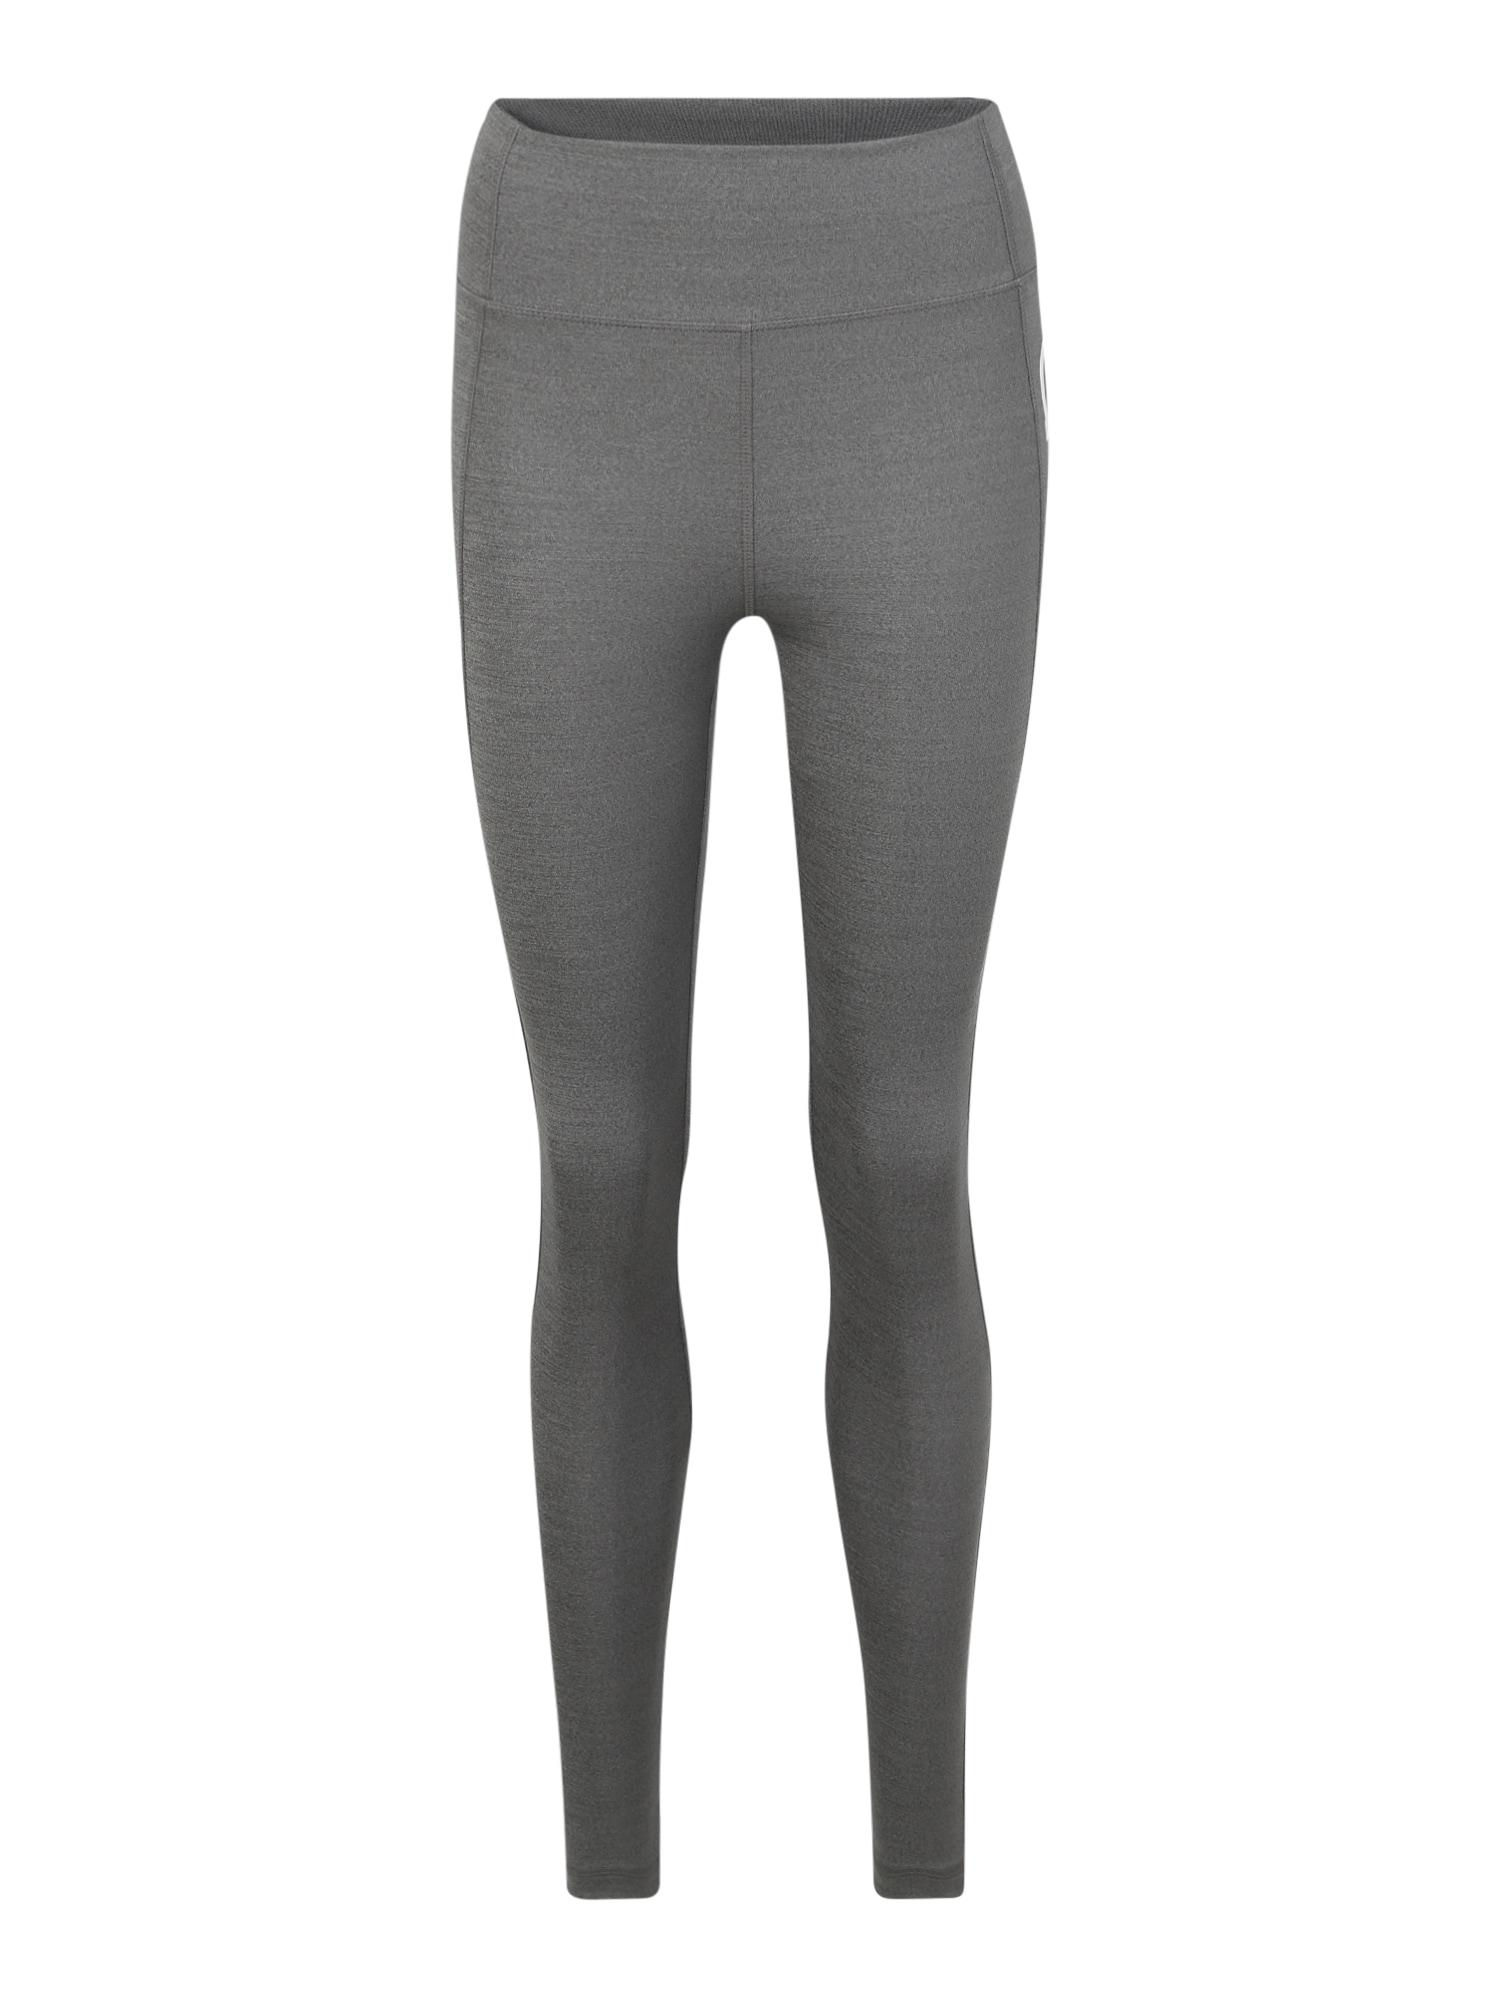 ADIDAS PERFORMANCE Sportovní kalhoty  antracitová / šedý melír